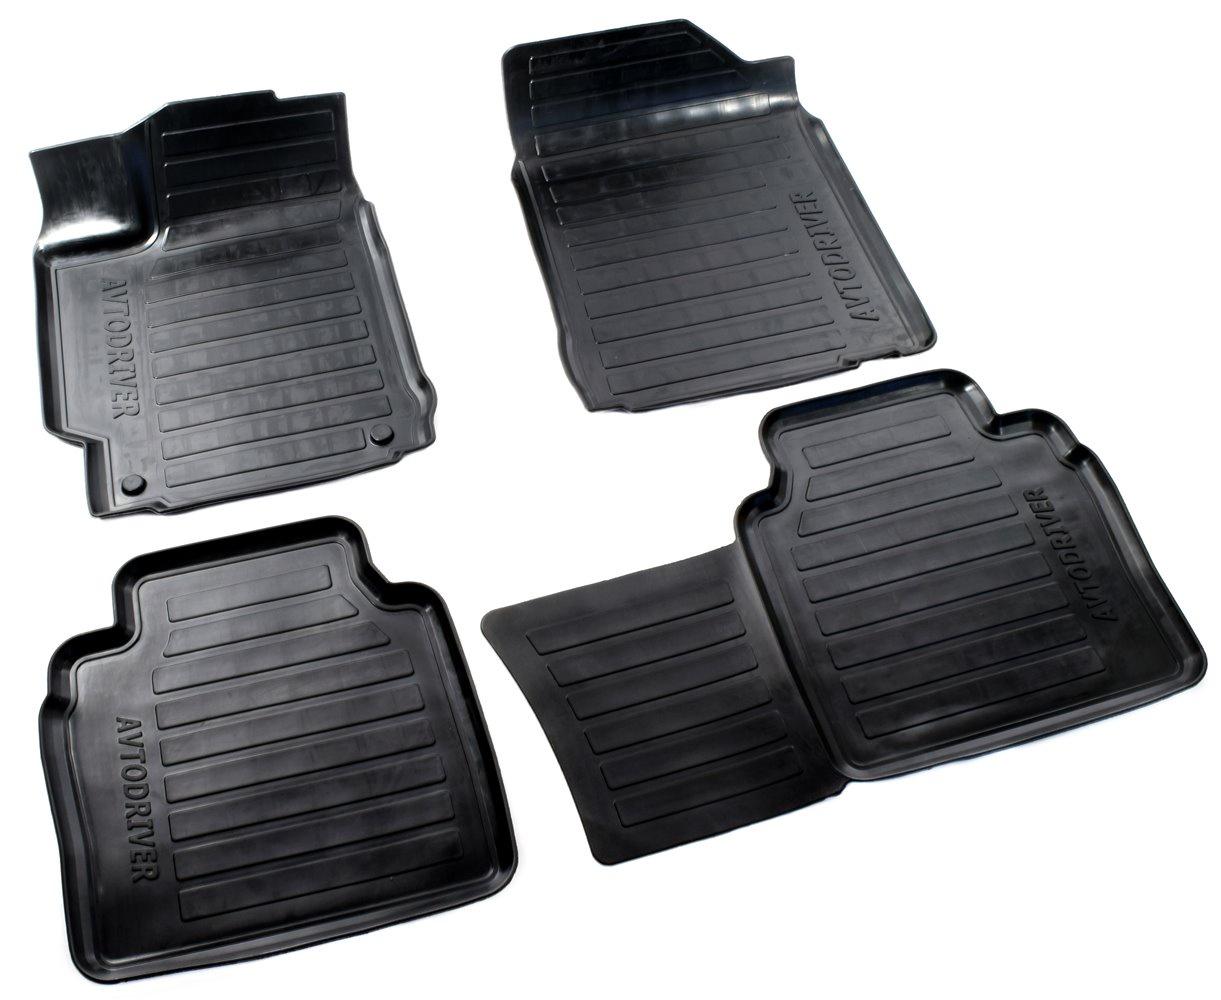 Коврики в салон автомобиля Avtodriver, для Toyota Camry, 2014-, ADRAVG240, резиновые, с бортиком, черный комплект ковриков в салон автомобиля klever toyota highlander 2014 standard